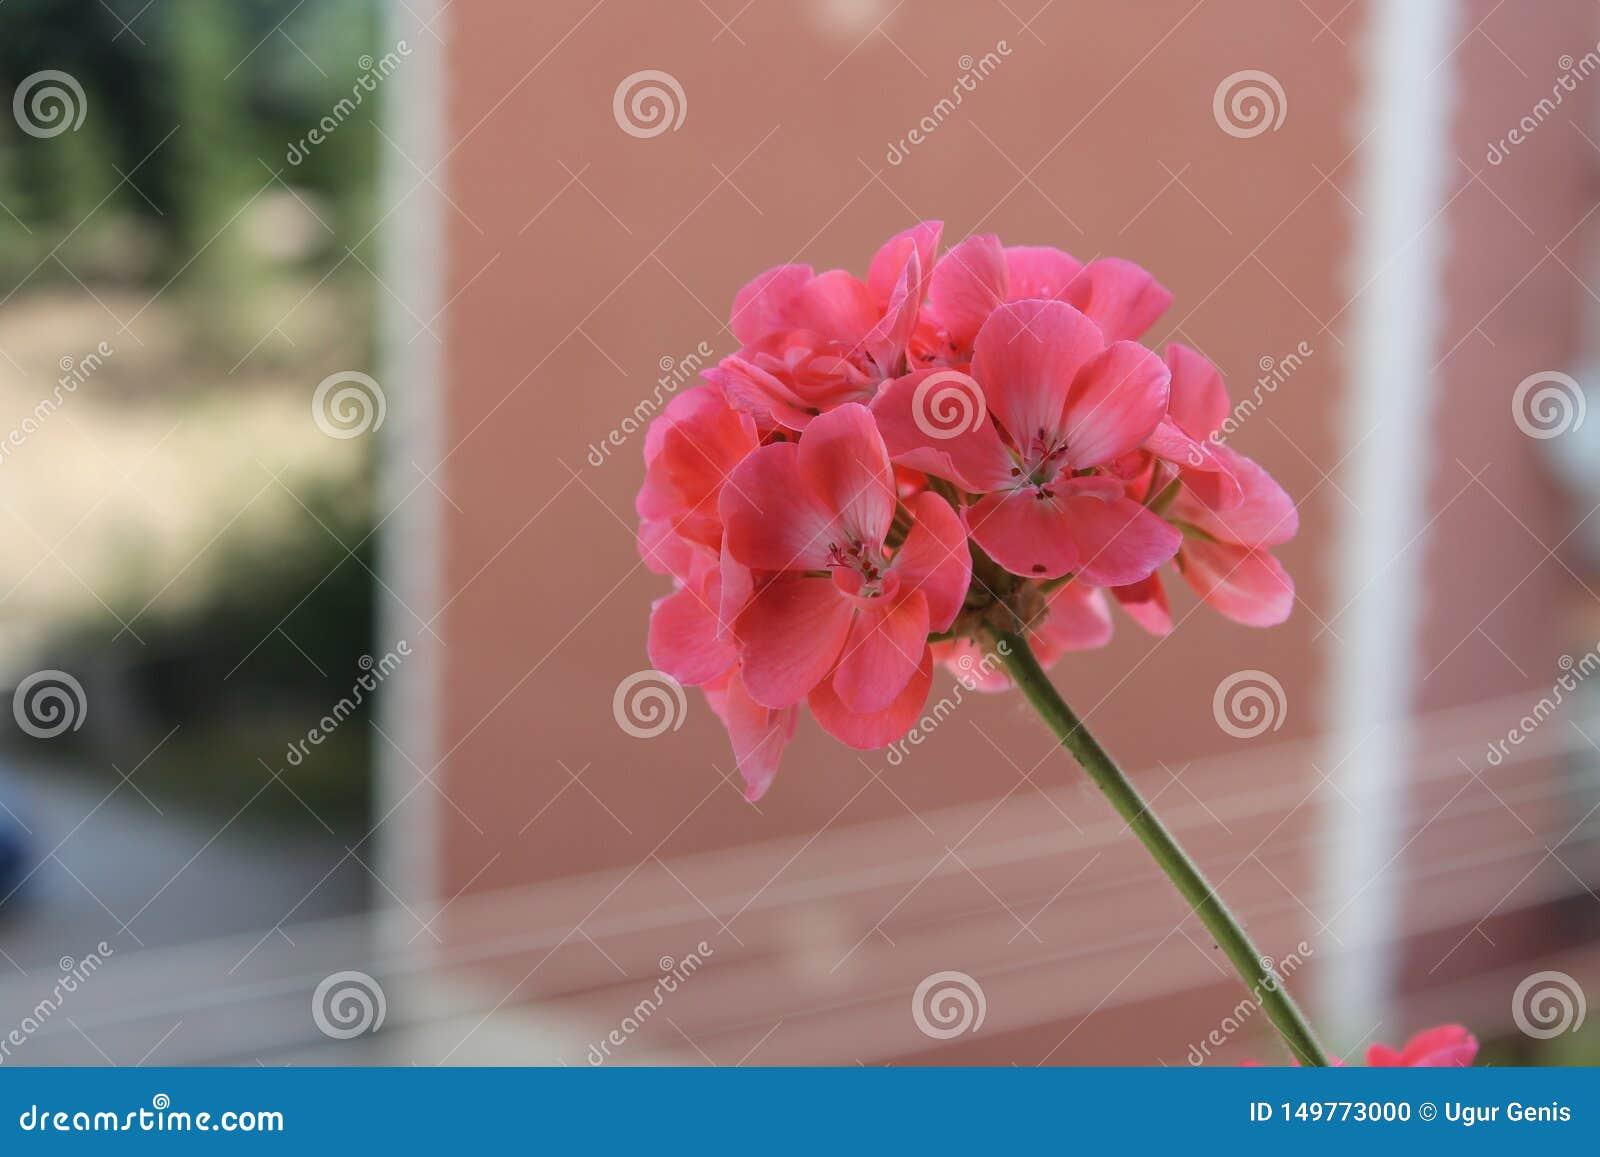 Pink beatiful flower in balcony